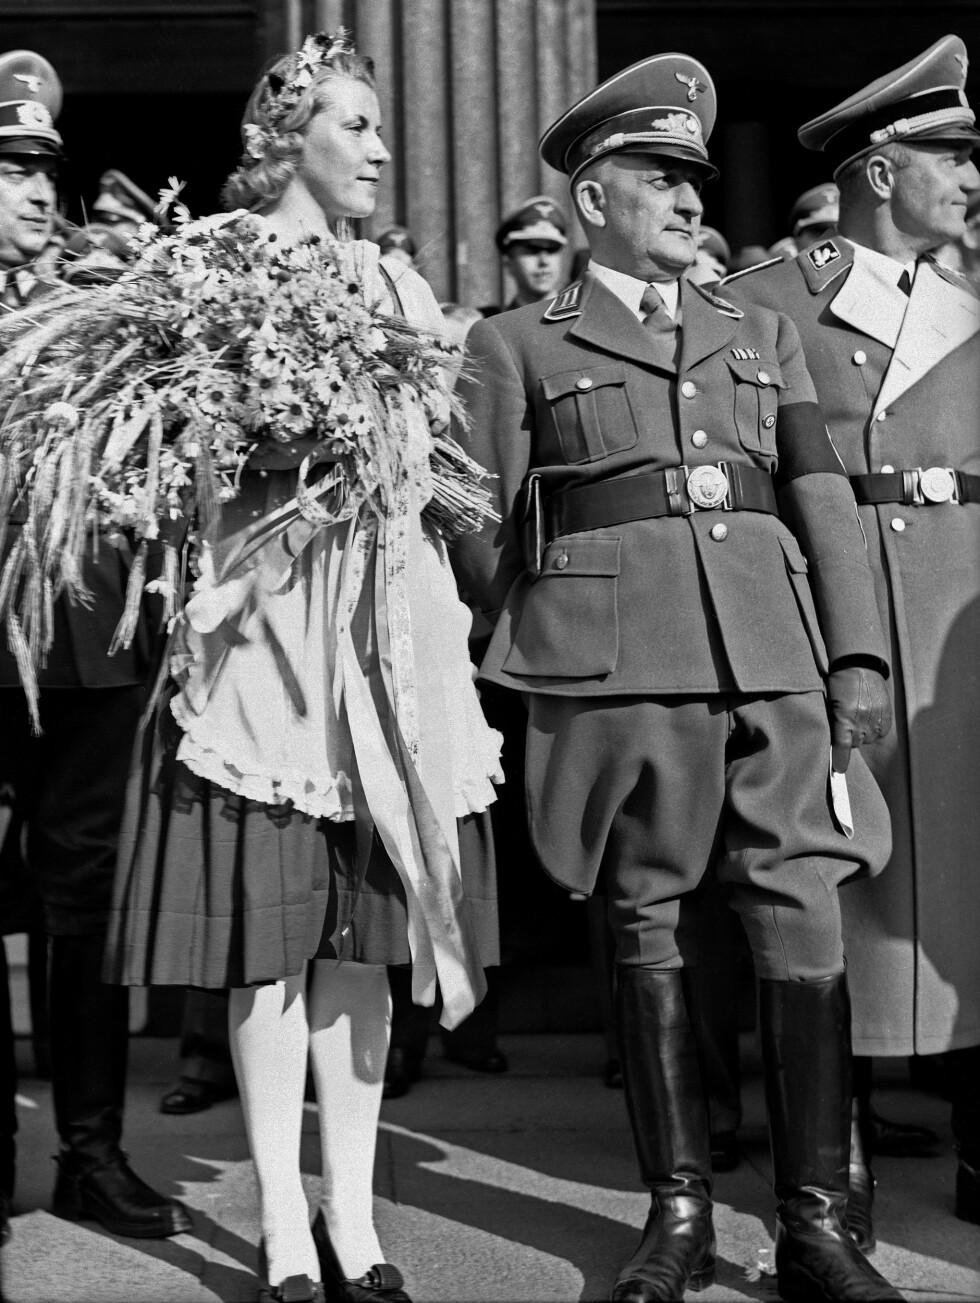 SIDE OM SIDE: I 1941 ble det arrangert Høsttakkefest på Universitetsplassen i Oslo - og her er en tysk offiser fotografert side om side med en ukjent norsk kvinne.  Foto: NTB Scanpix